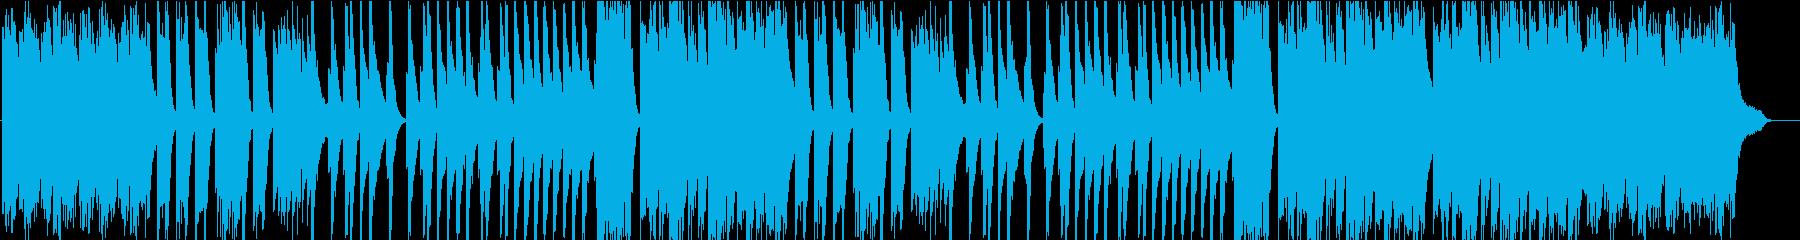 恋愛ドラマ・ゲーム/しっとり切ないピアノの再生済みの波形